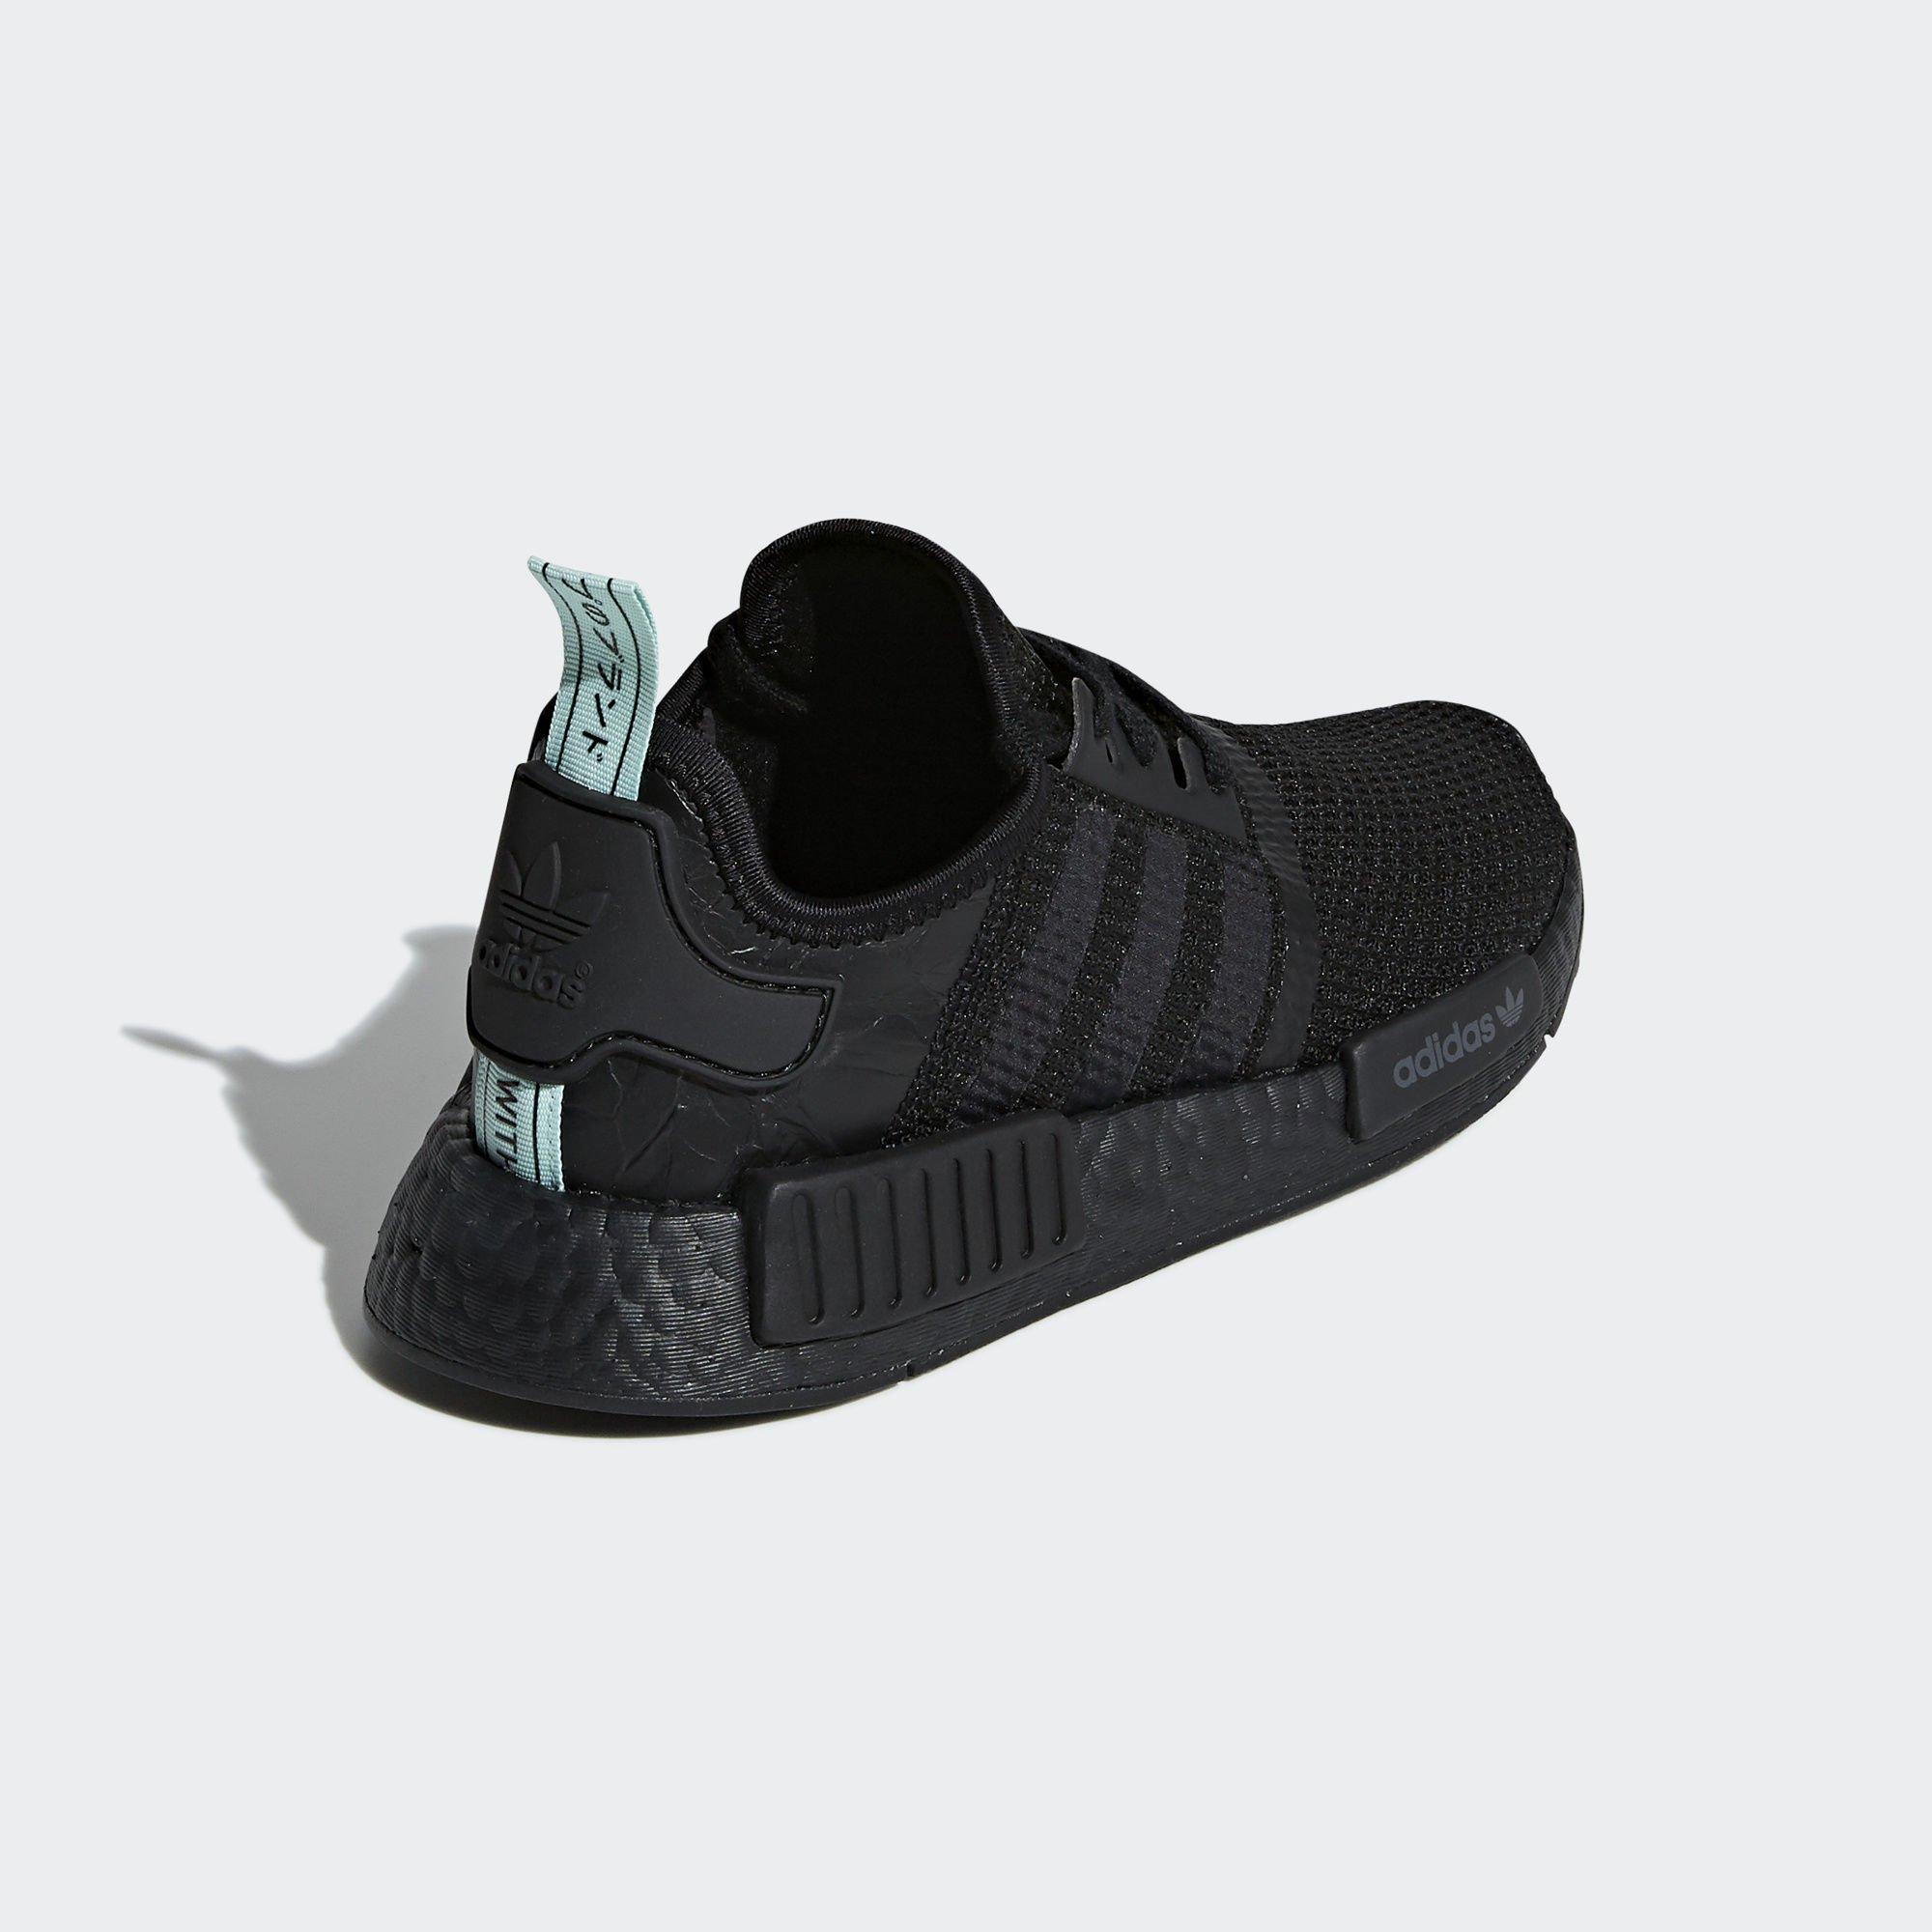 adidas Womens NMD R1 'Black Mint'  (AQ1102)